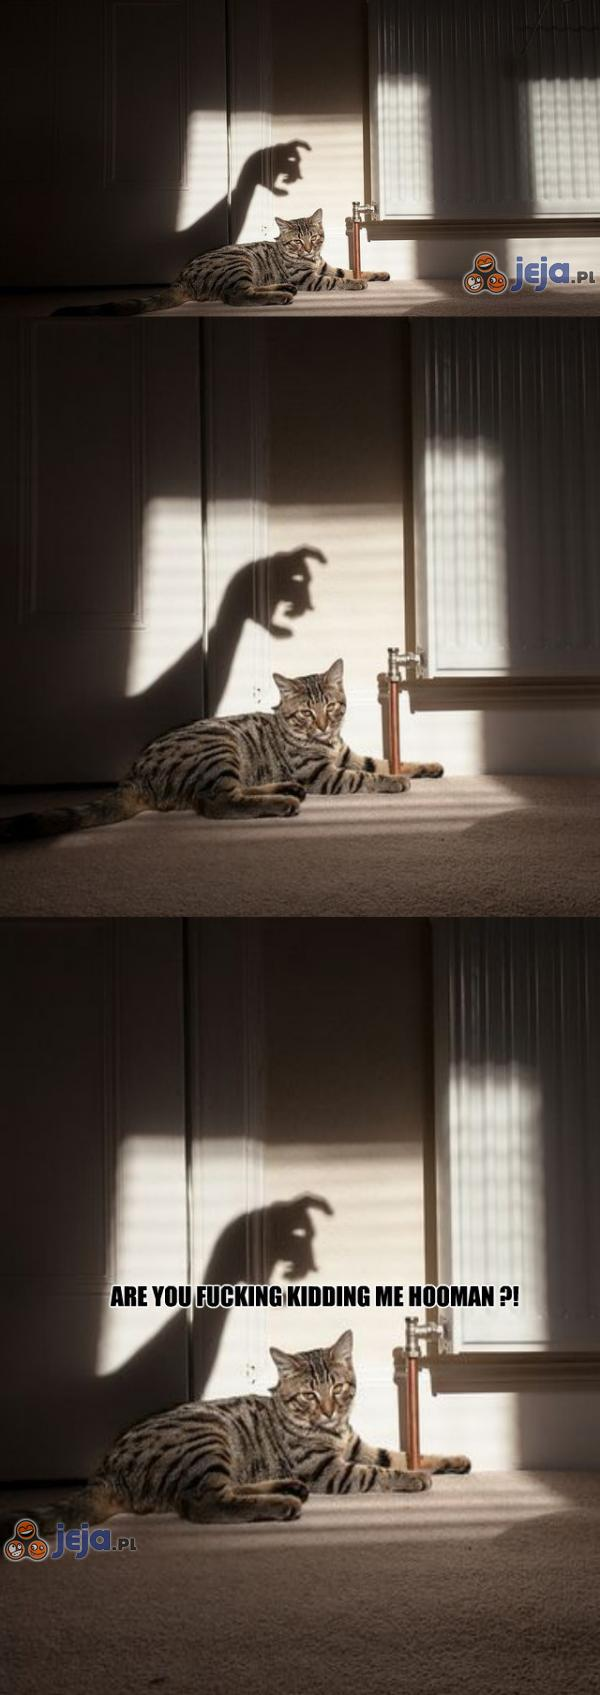 Niewzruszony kot